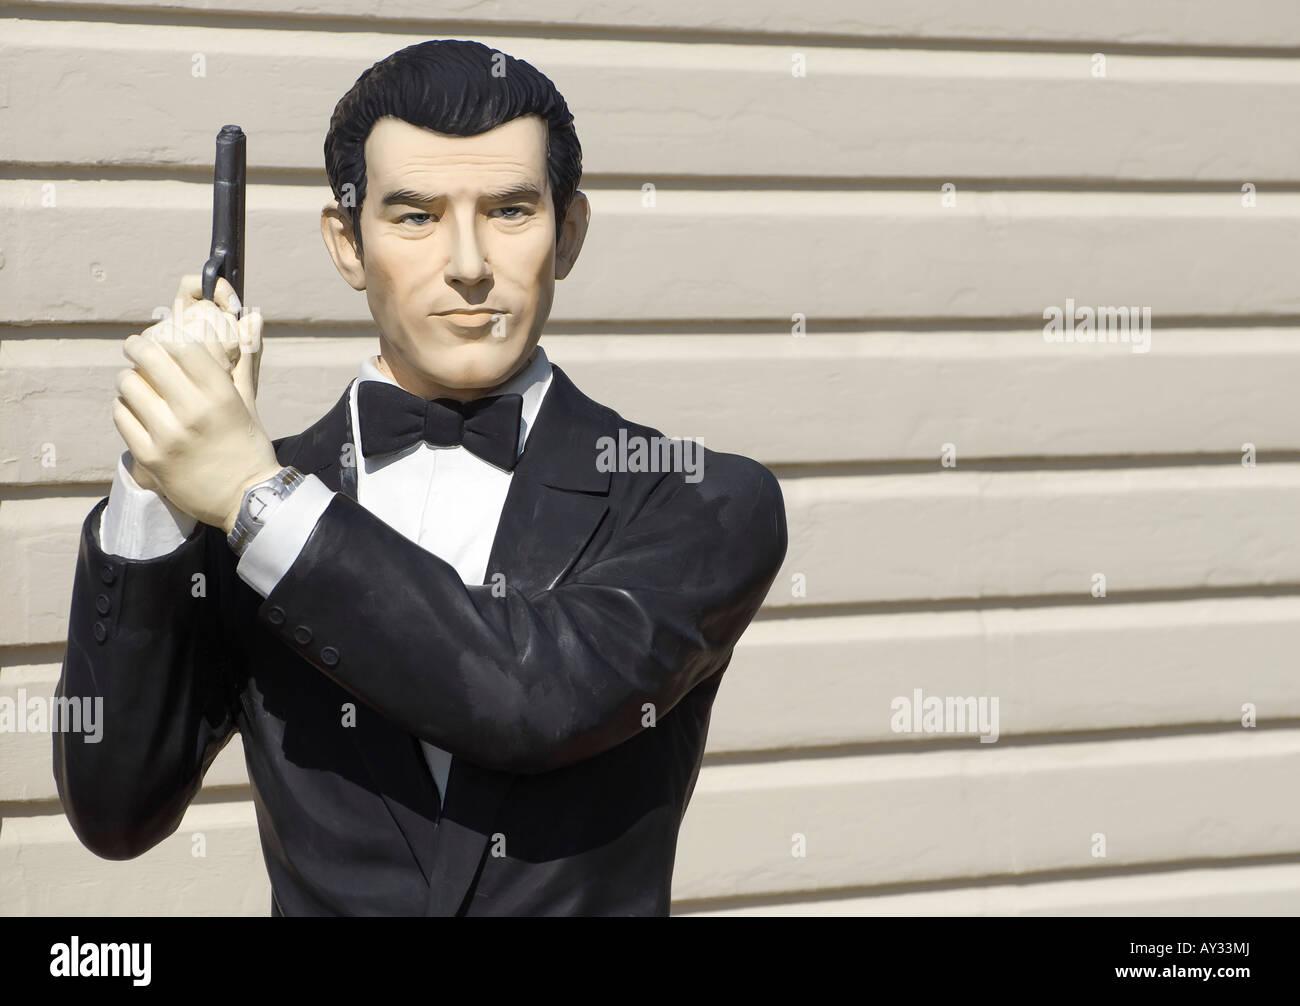 La figura de James Bond por la madera en pie la pared del edificio Foto de stock